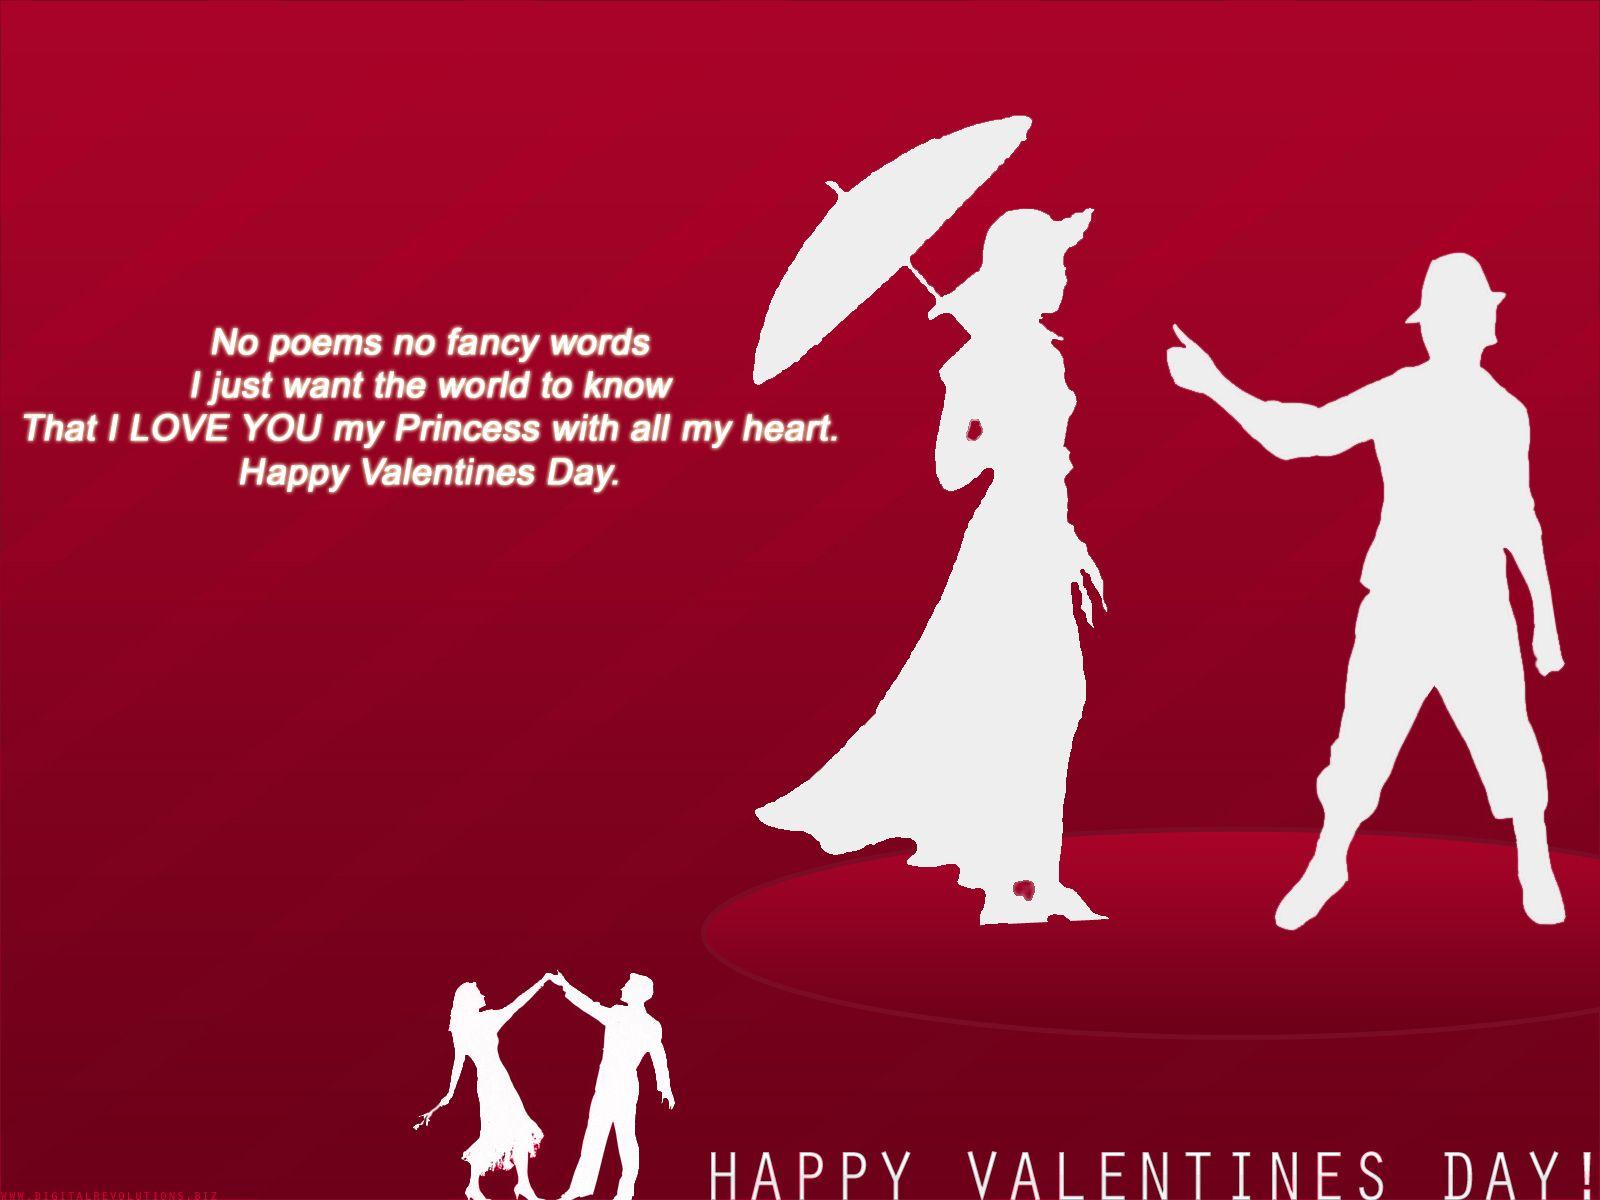 best valentines day ideas for boyfriend - Valentine Day Wishes